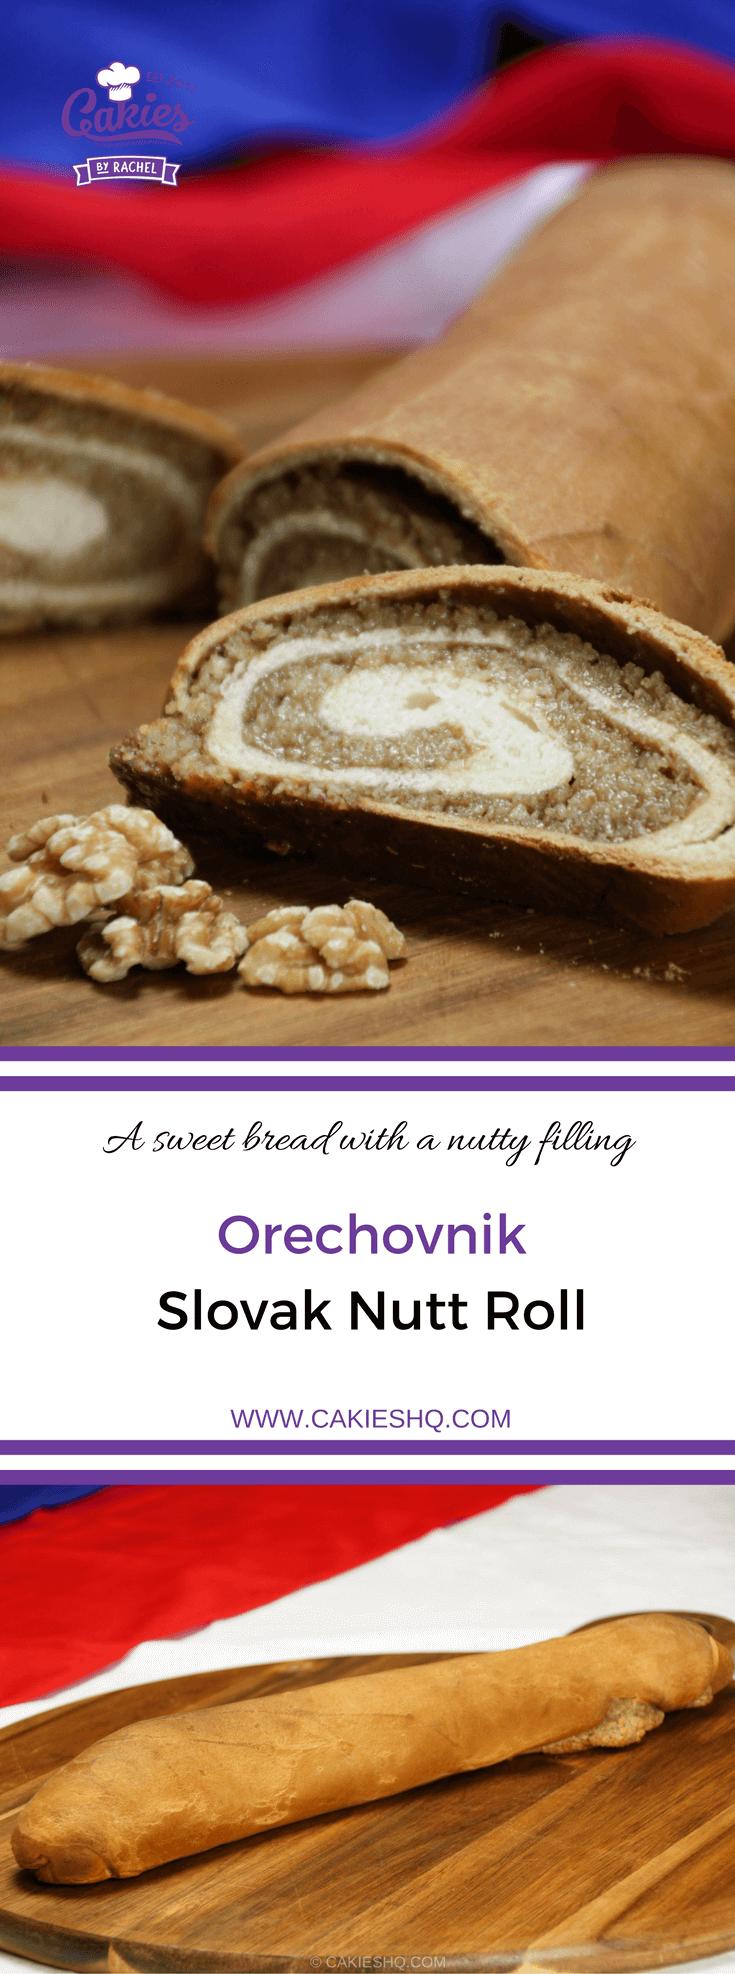 Photo of Orechovnik – Slovak Nut Roll